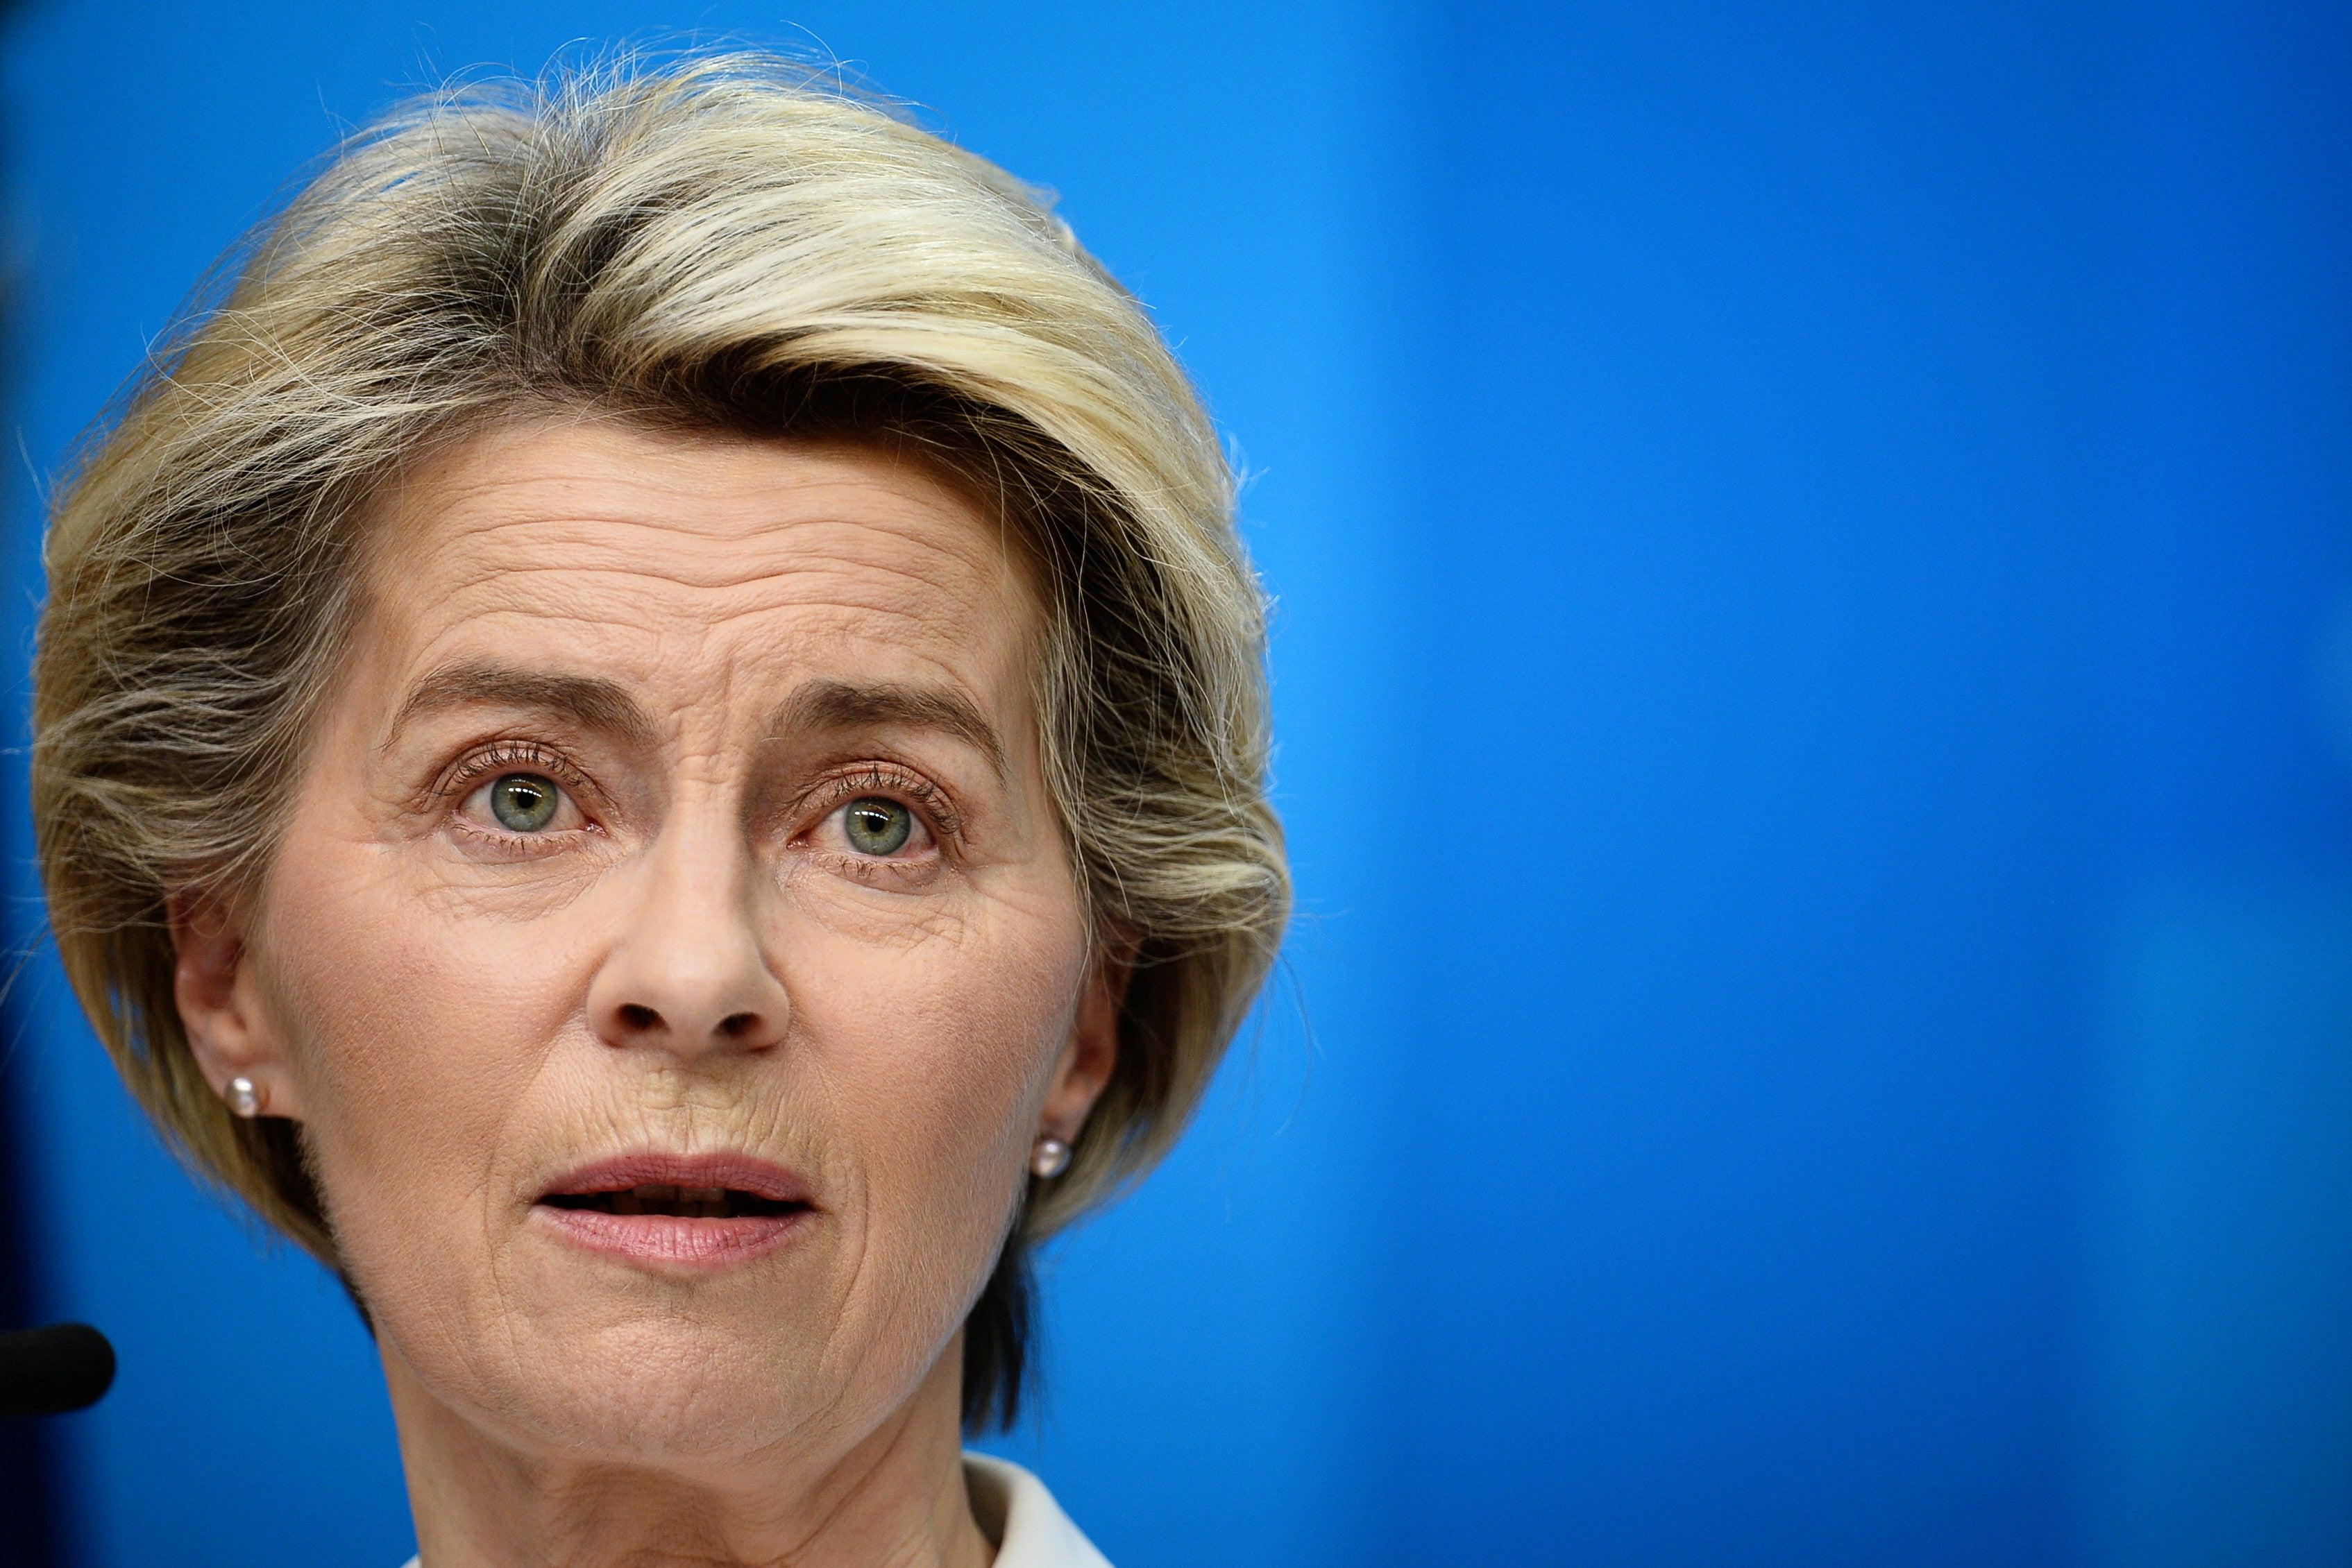 Who Is Ursula Von Der Leyen The EU Chief Stood Between